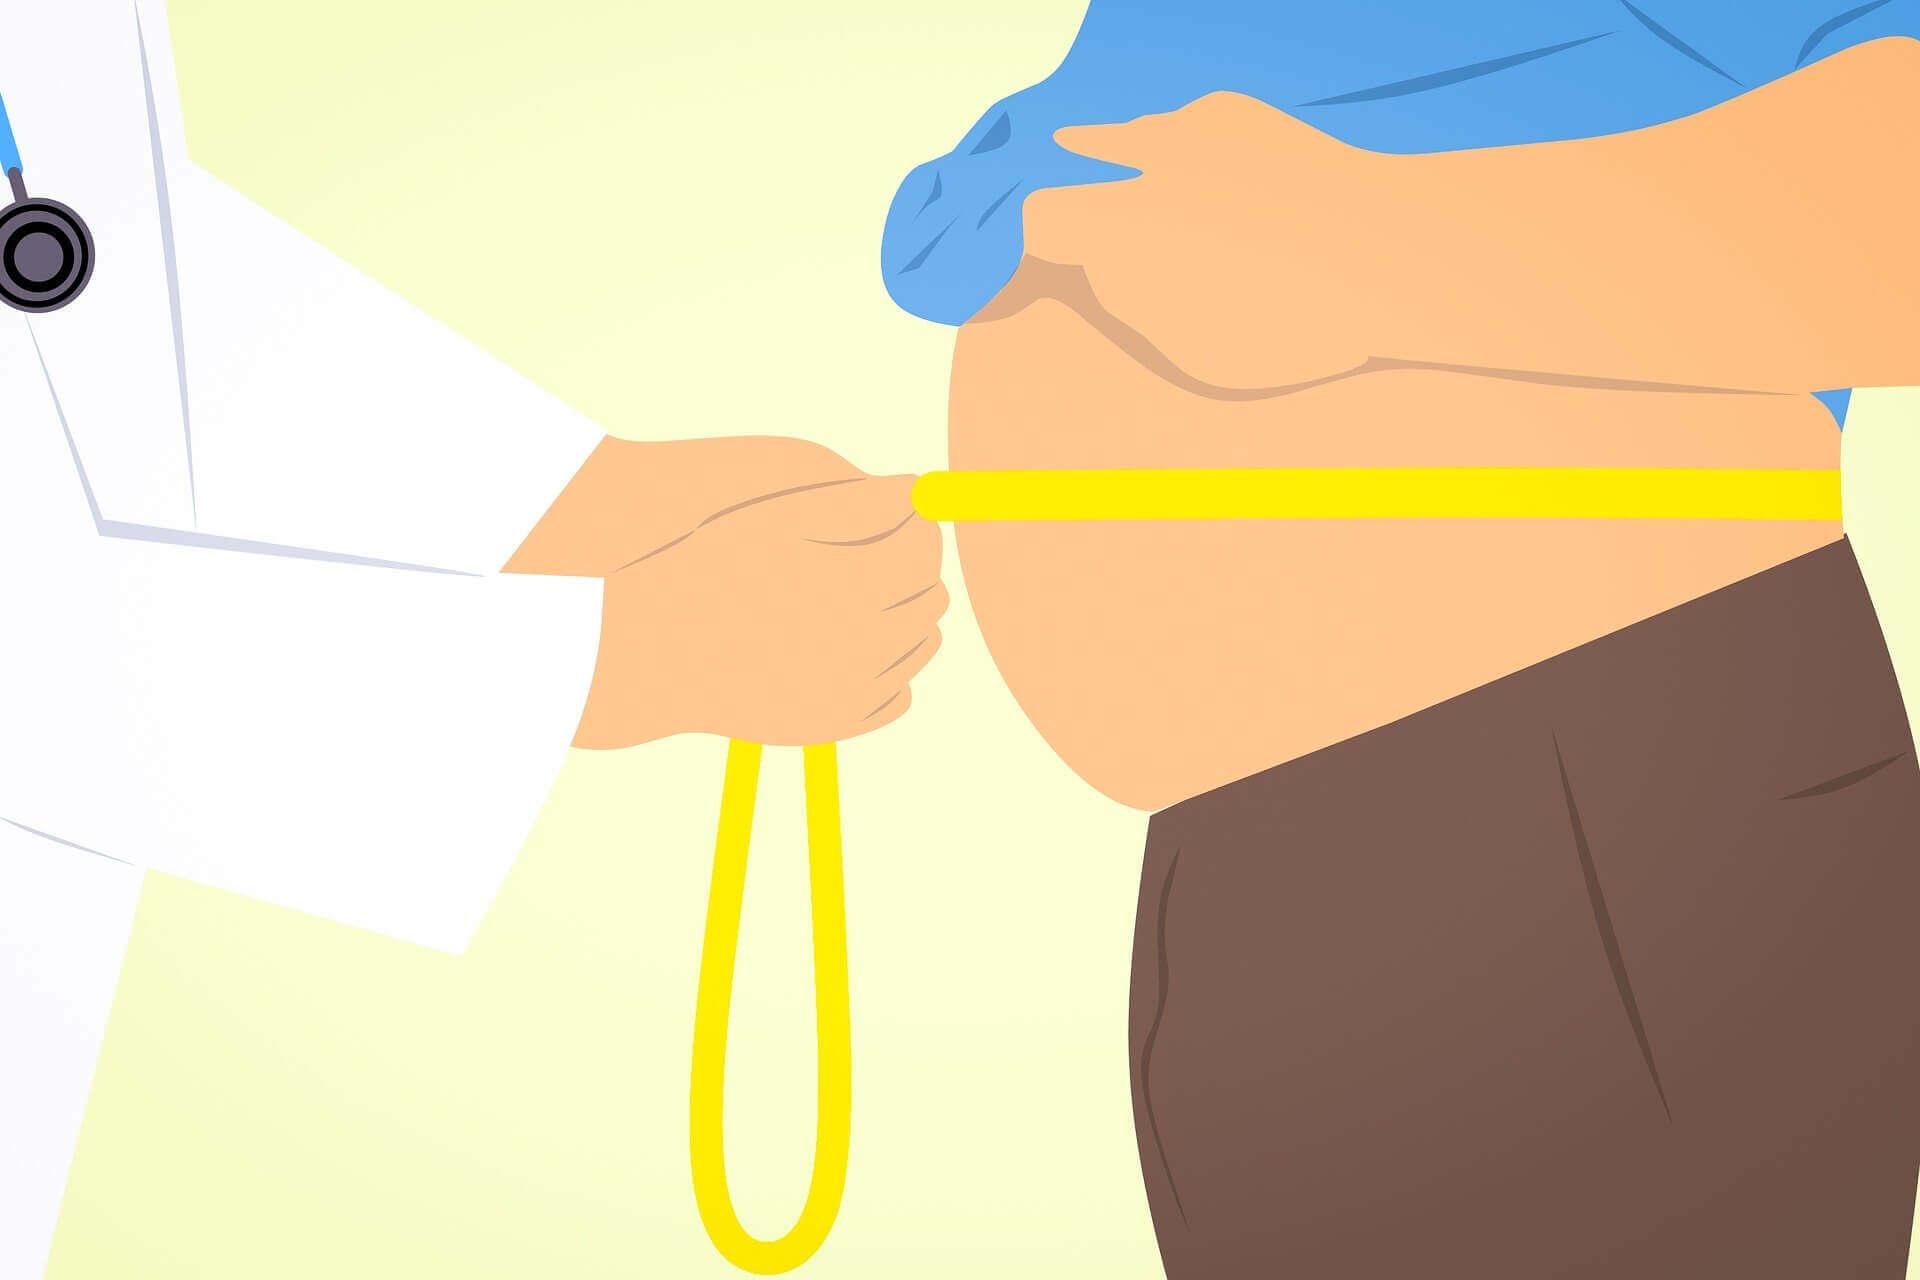 肥満な男性の腹部